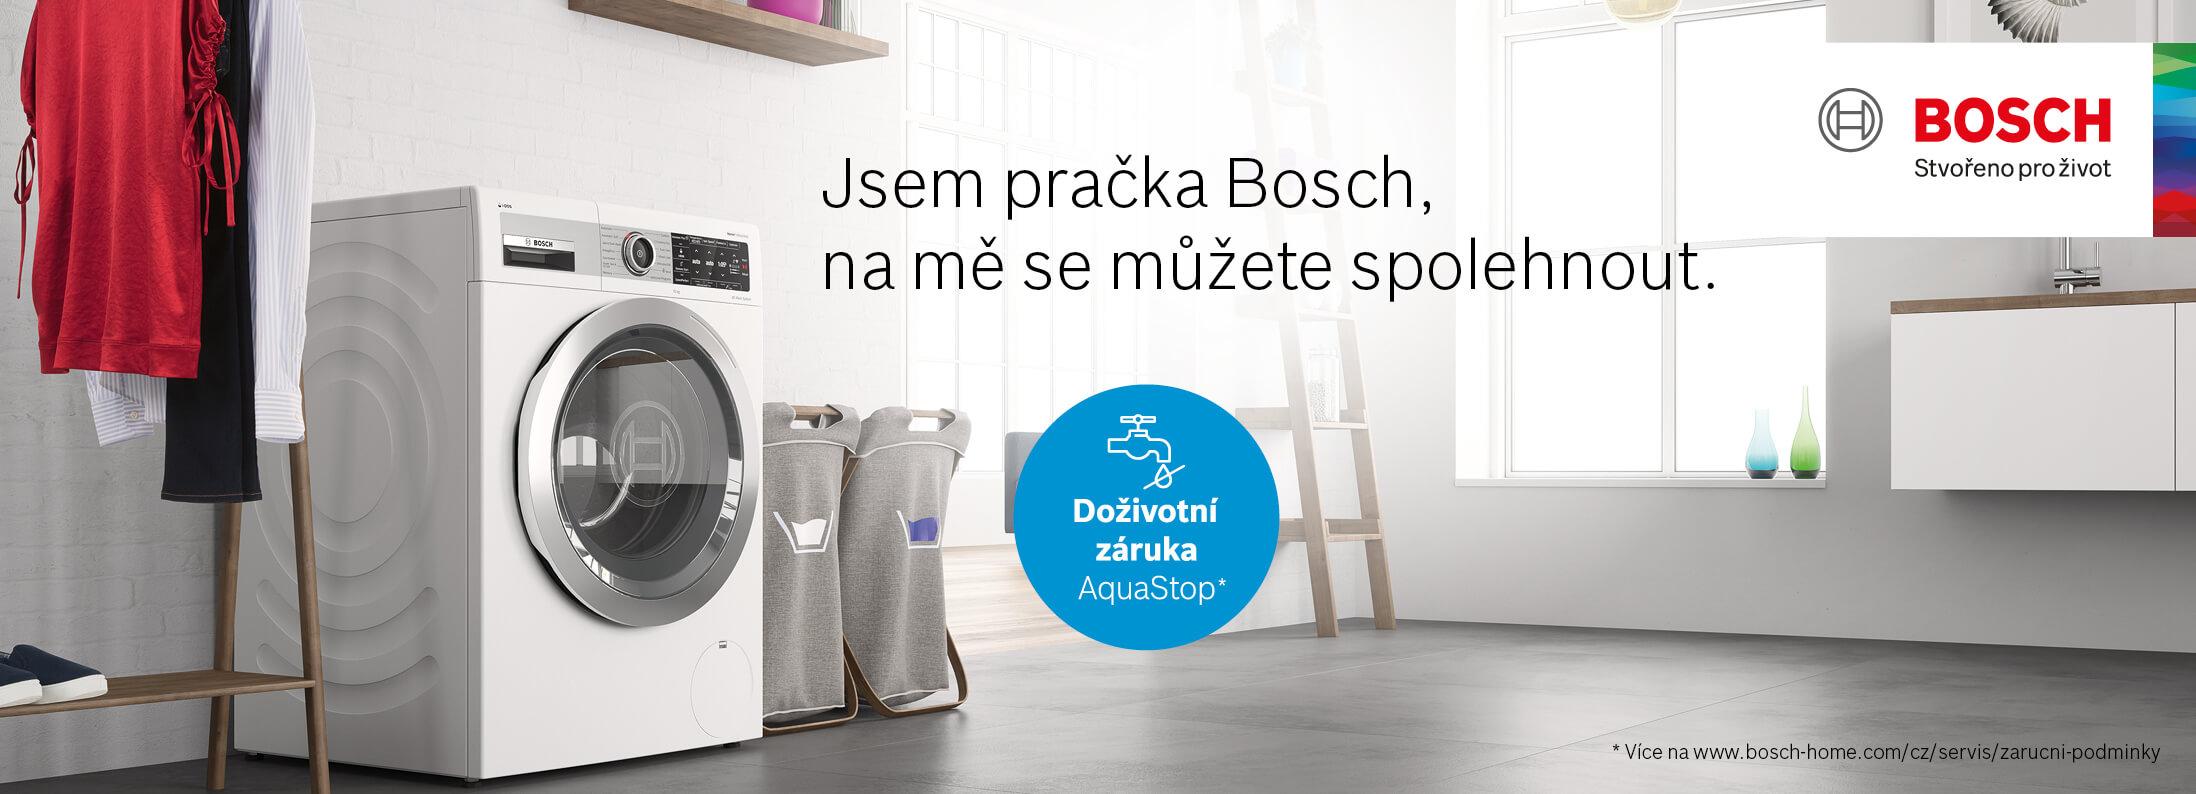 Bosch - Pračky - Doživotní záruka na AquaStop